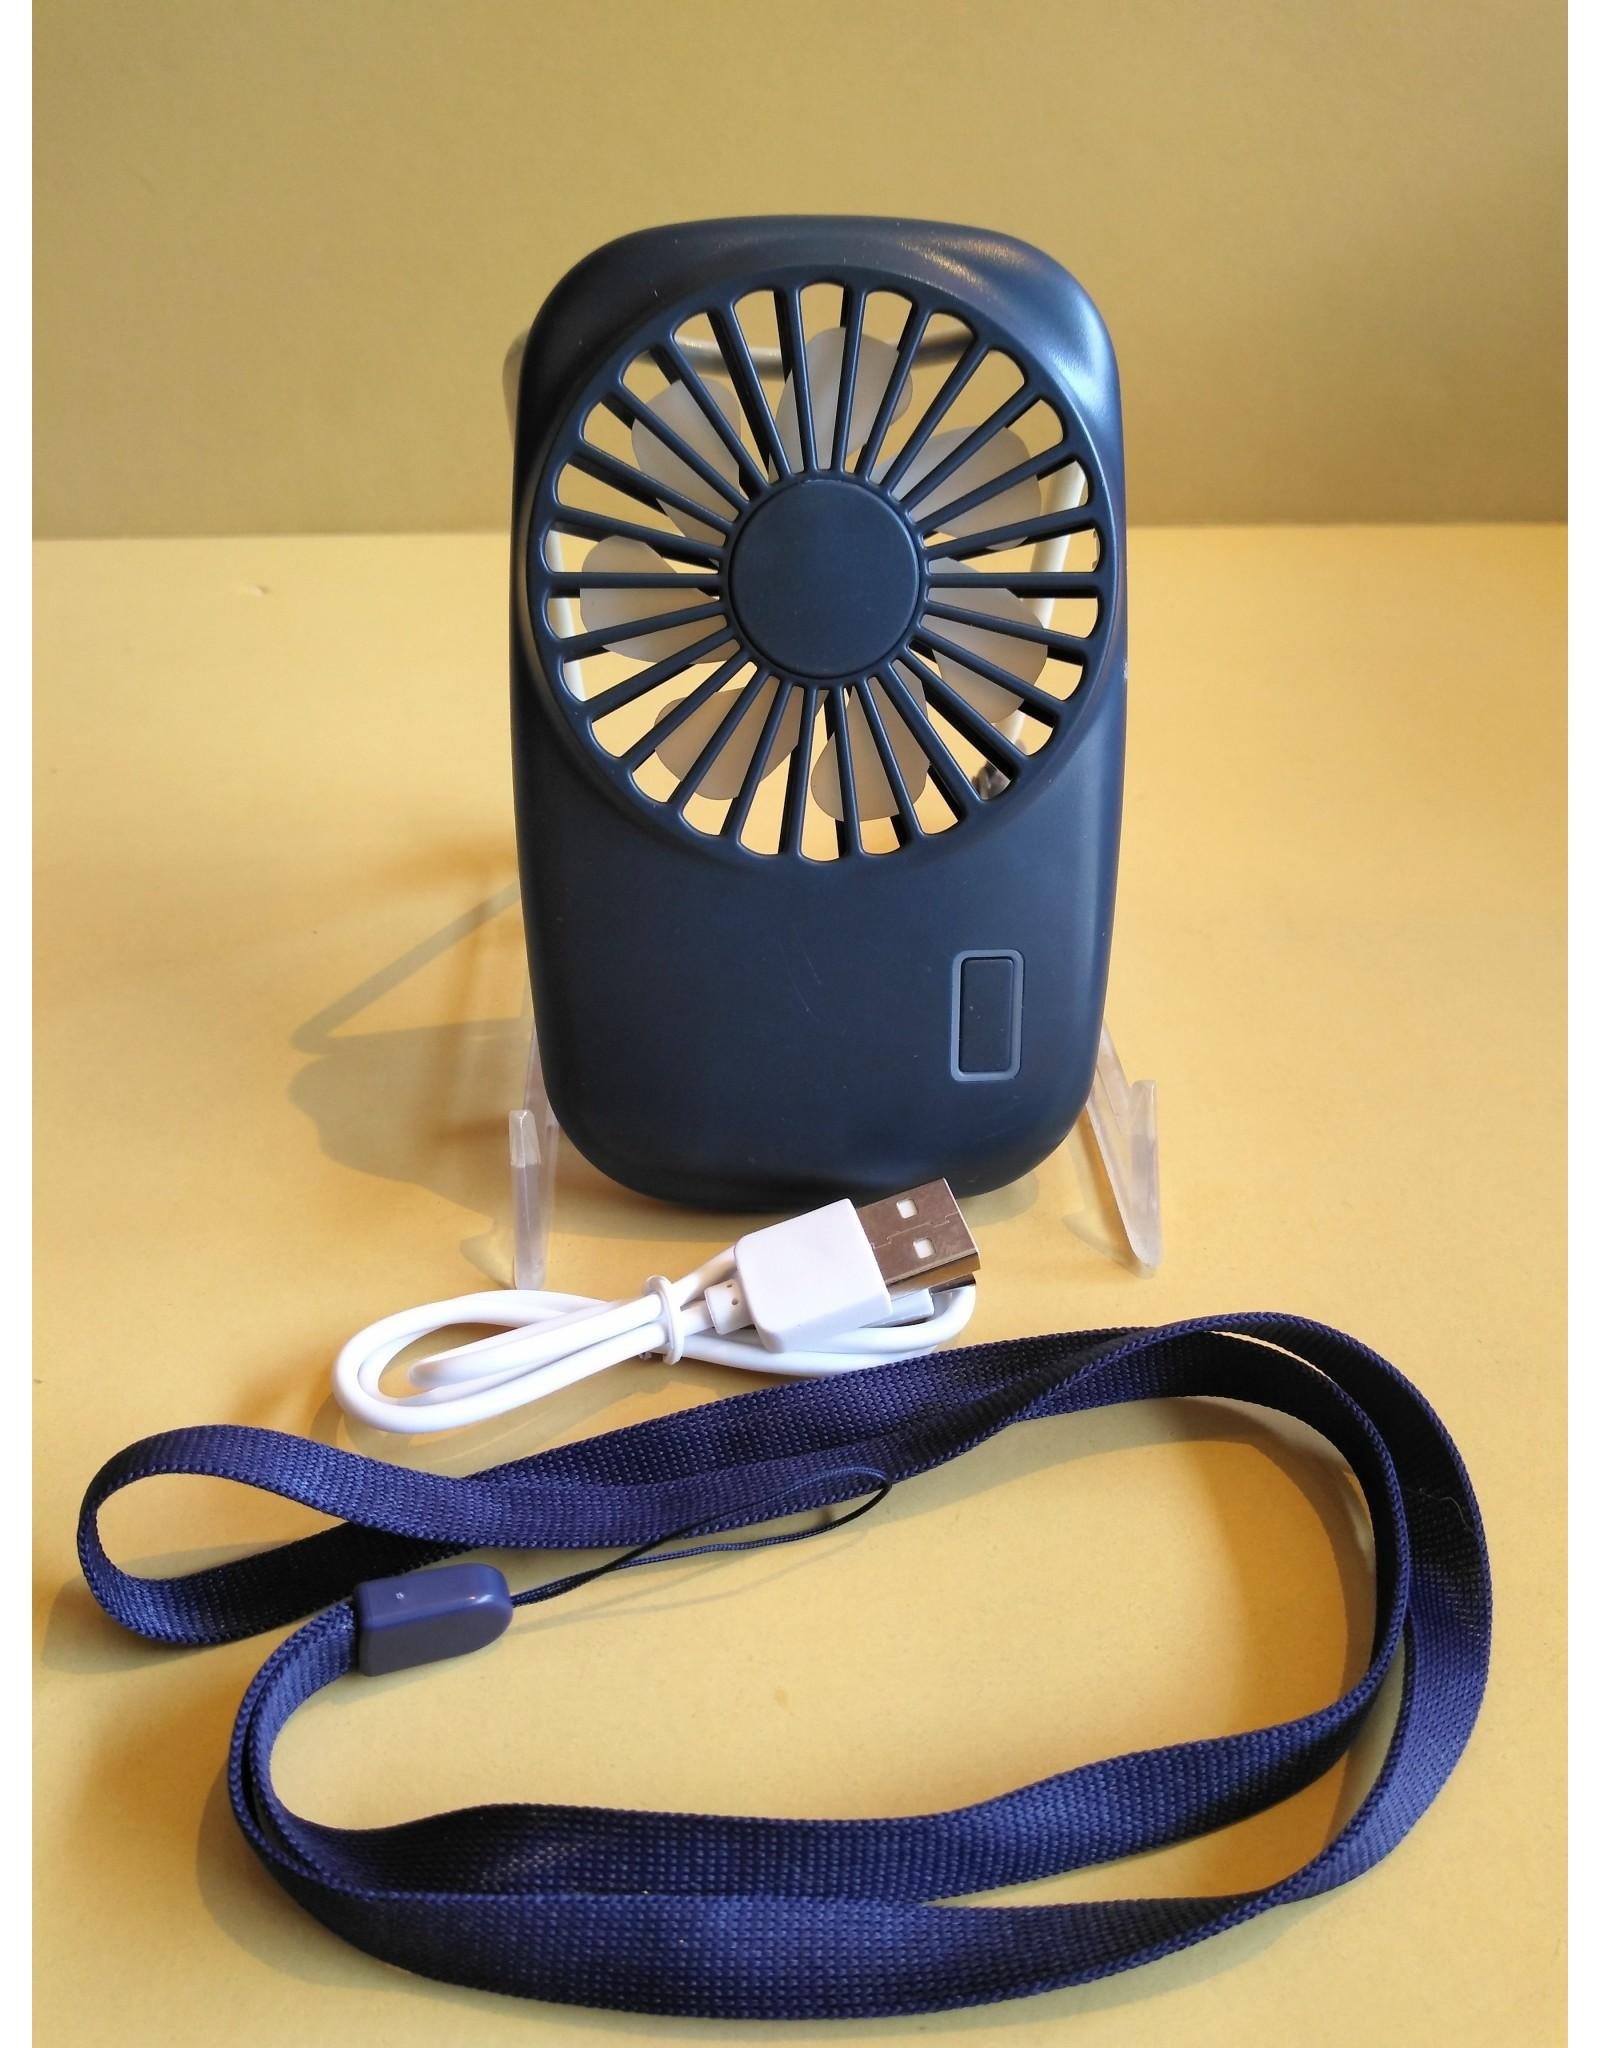 Kikkerland Pocket Tornado Mini Fan